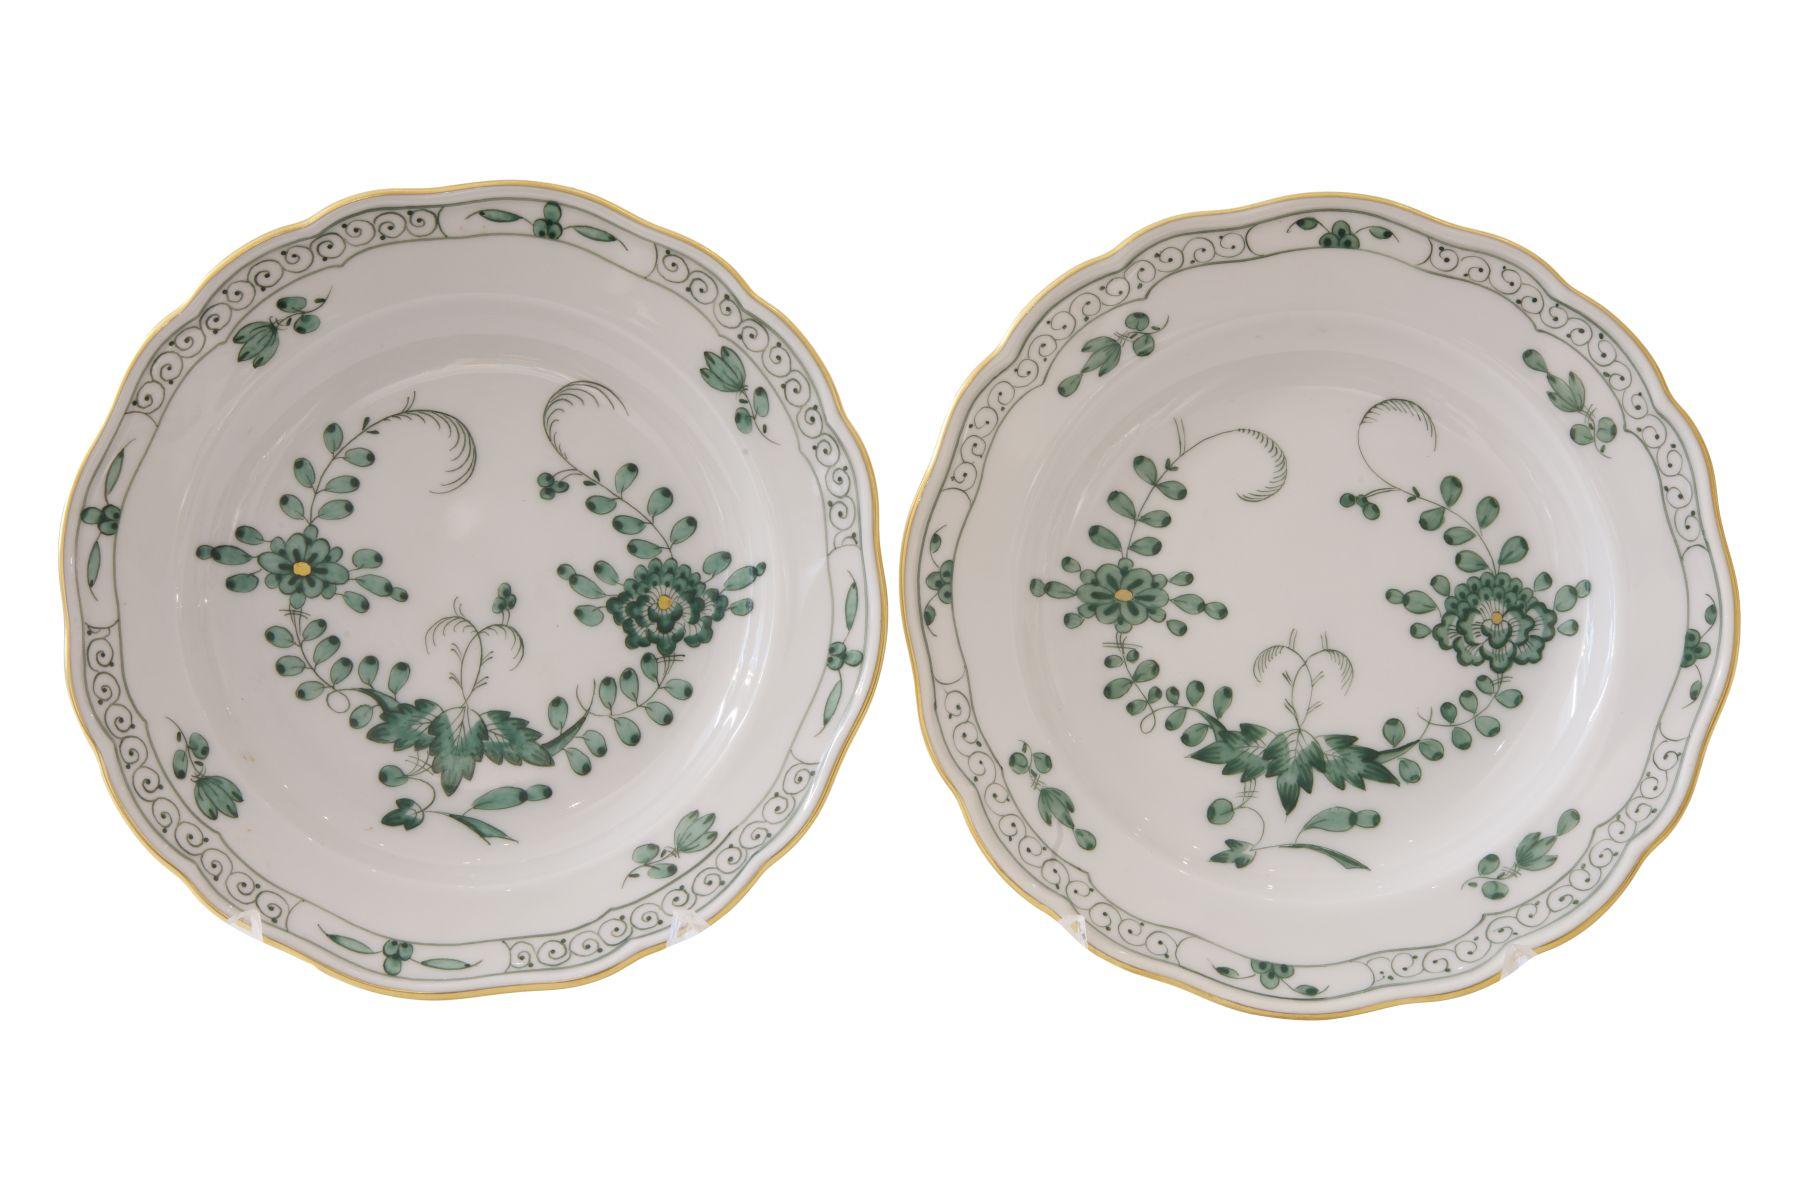 #198 2 plates Meissen 20th century | 2 kleine Teller Meissen 20. Jhdt. Image